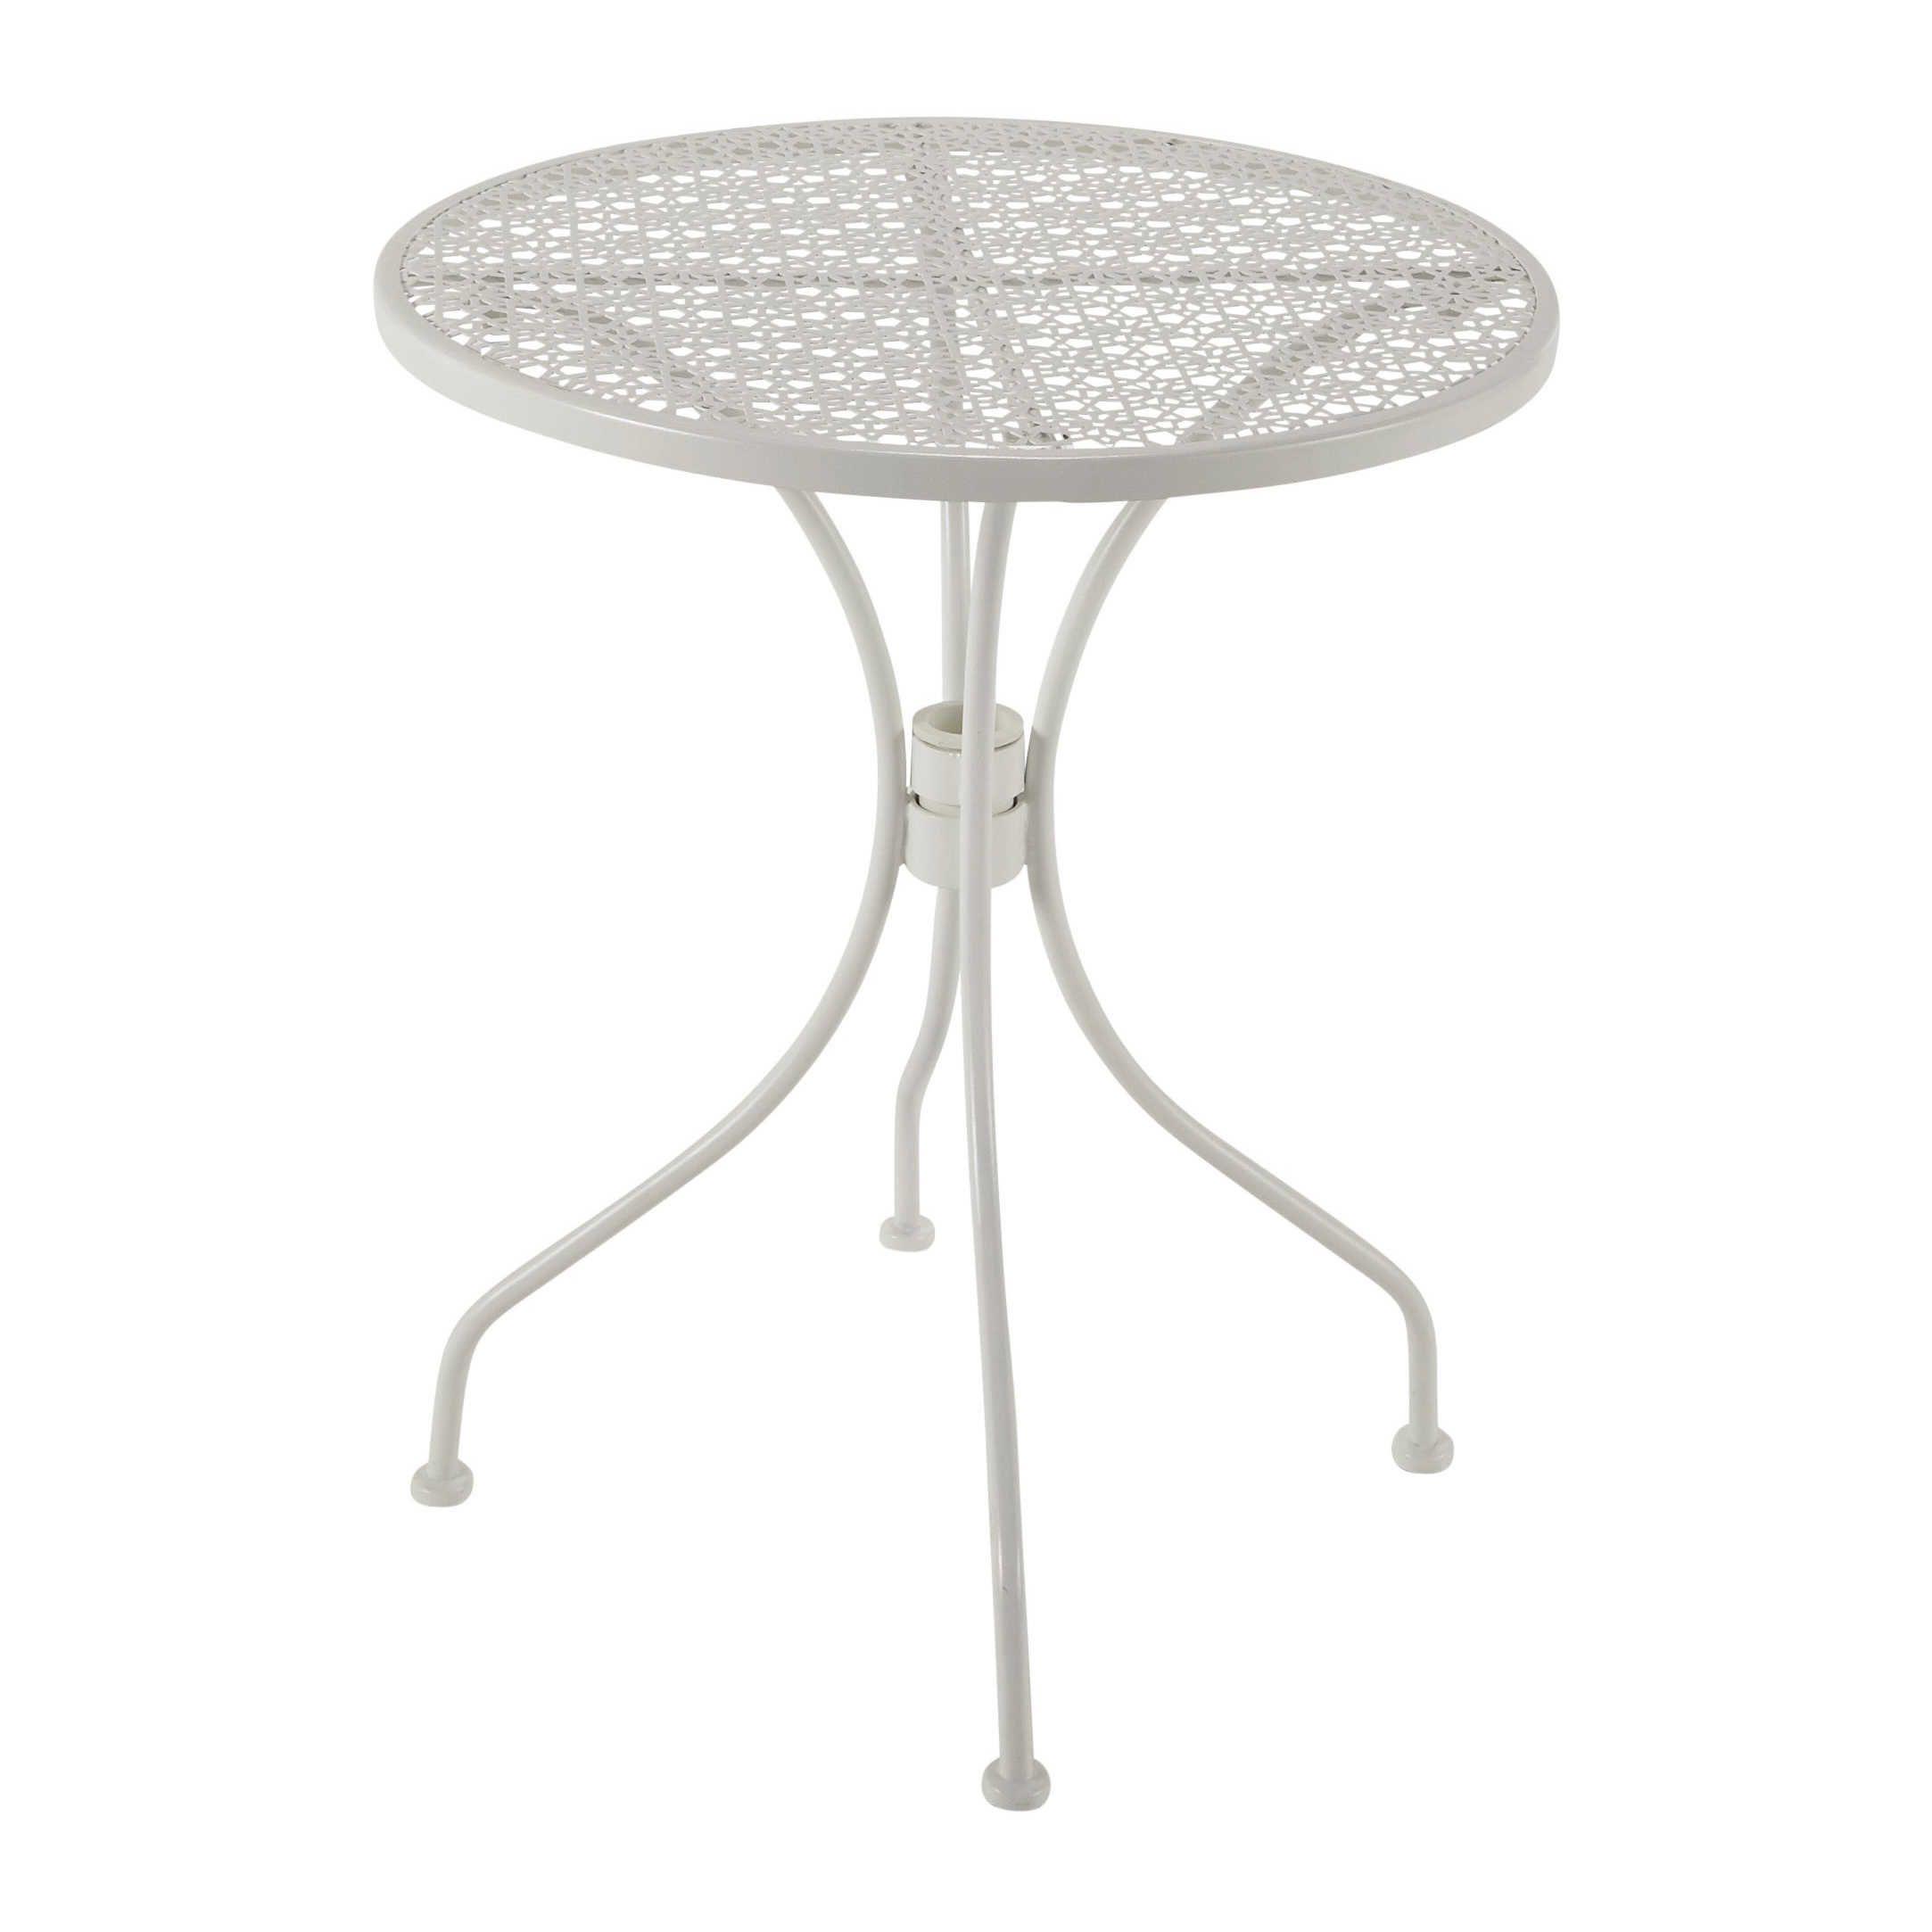 Gartentisch Aus Metall Mit Lochmuster D 60 Cm Wei Suzon